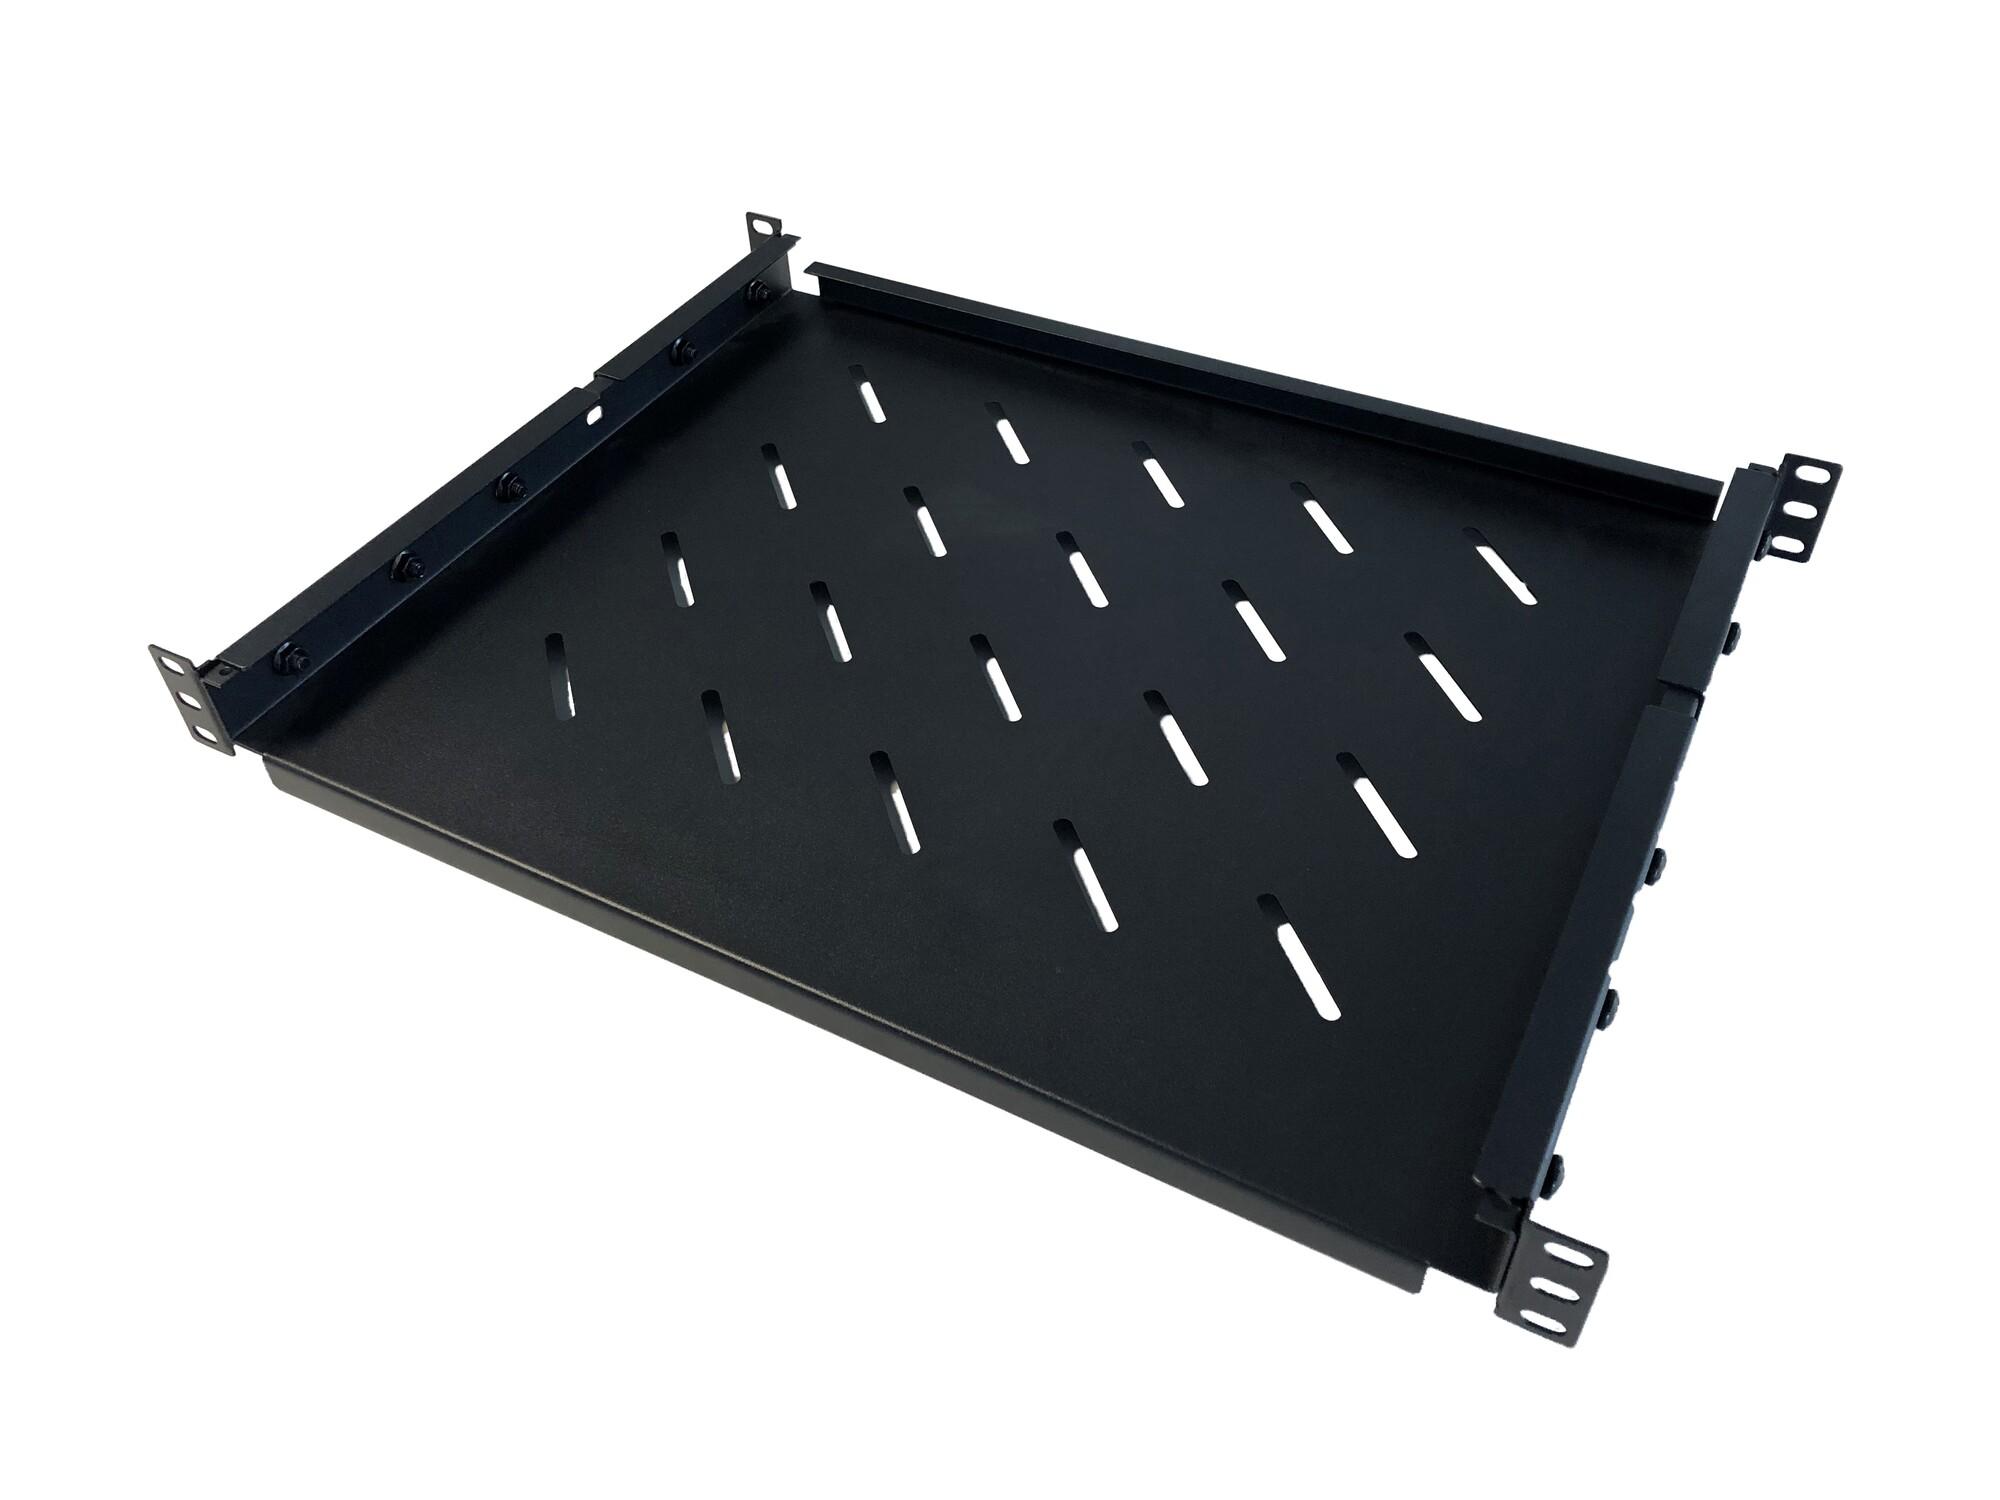 Afbeelding van Adjustable shelf for 350mm to 600mm deep server racks - 1U